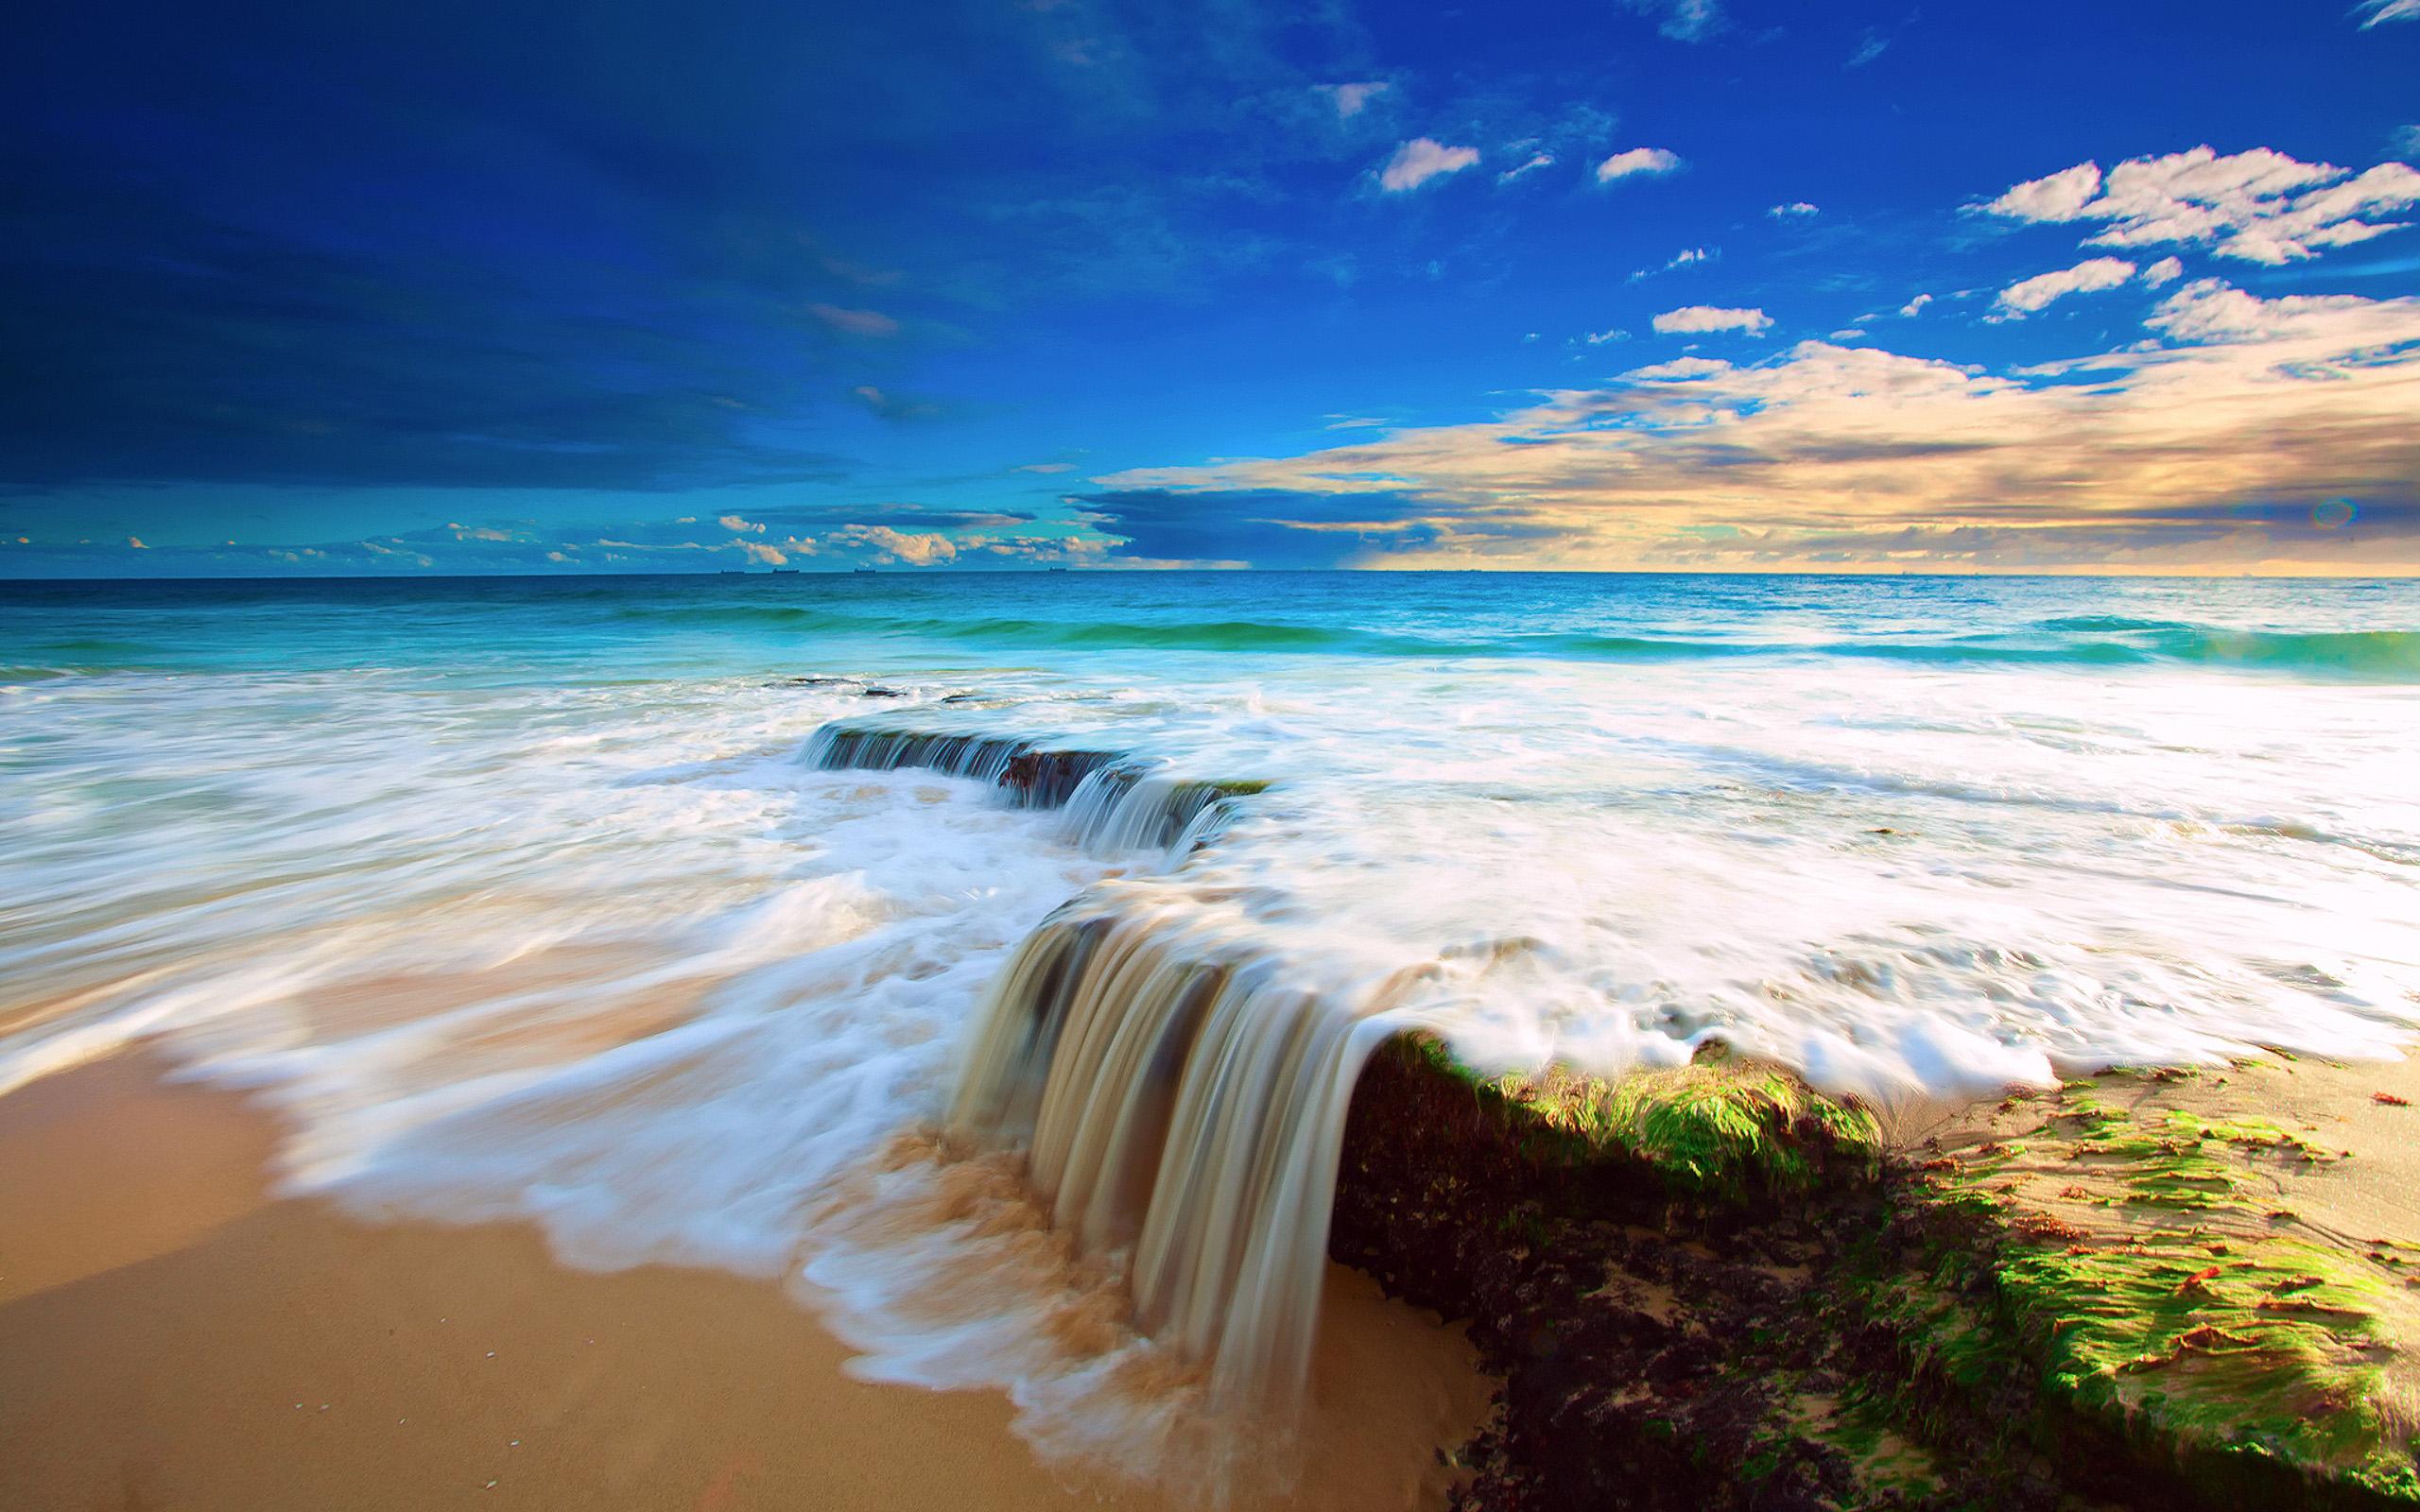 beach wallpaper hd